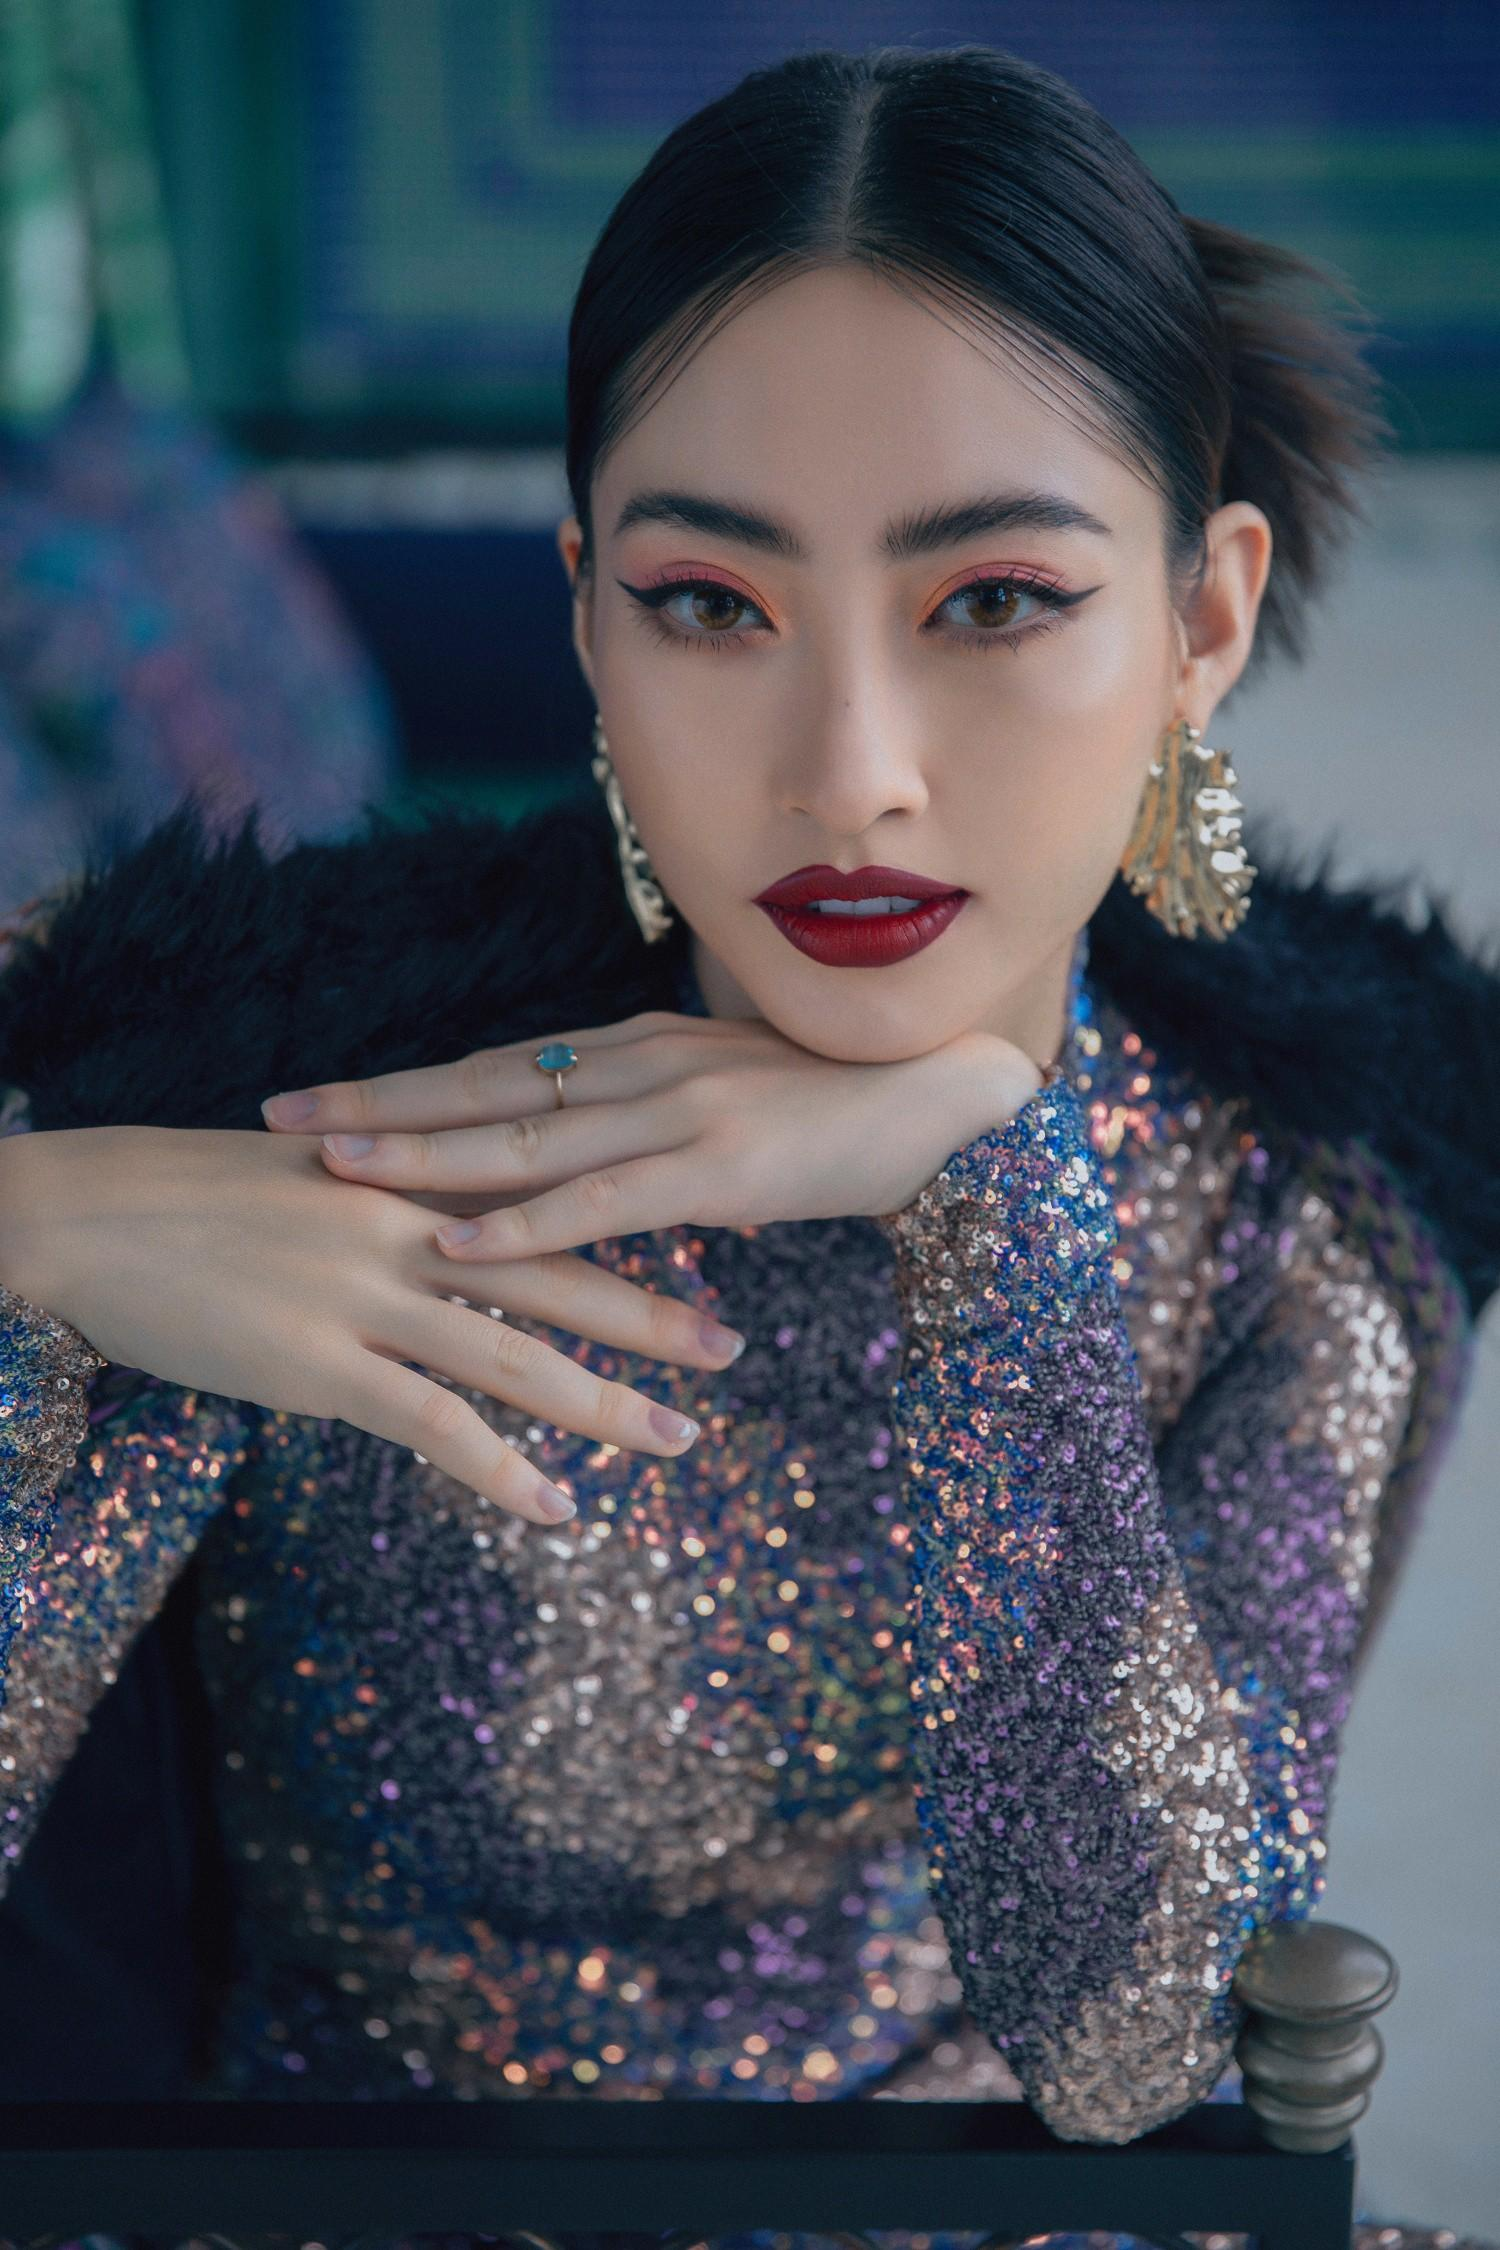 Hoa hậu Lương Thùy Linh ngày càng lột xác sau 6 tháng đăng quang Ảnh 21